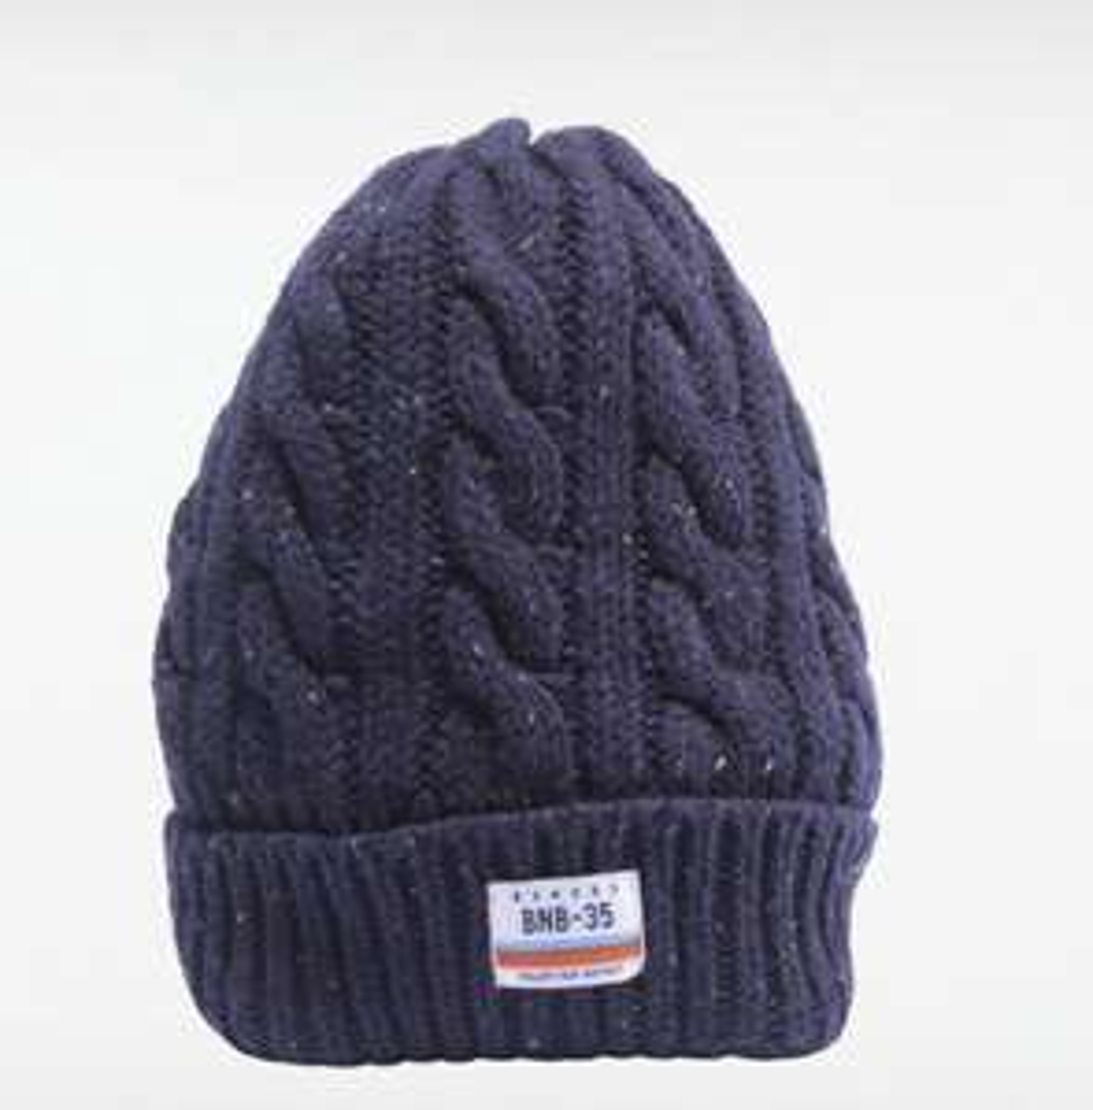 Bonnet tricoté à torsades homme - Bleu marine / gris foncé (Via livraison magasin)